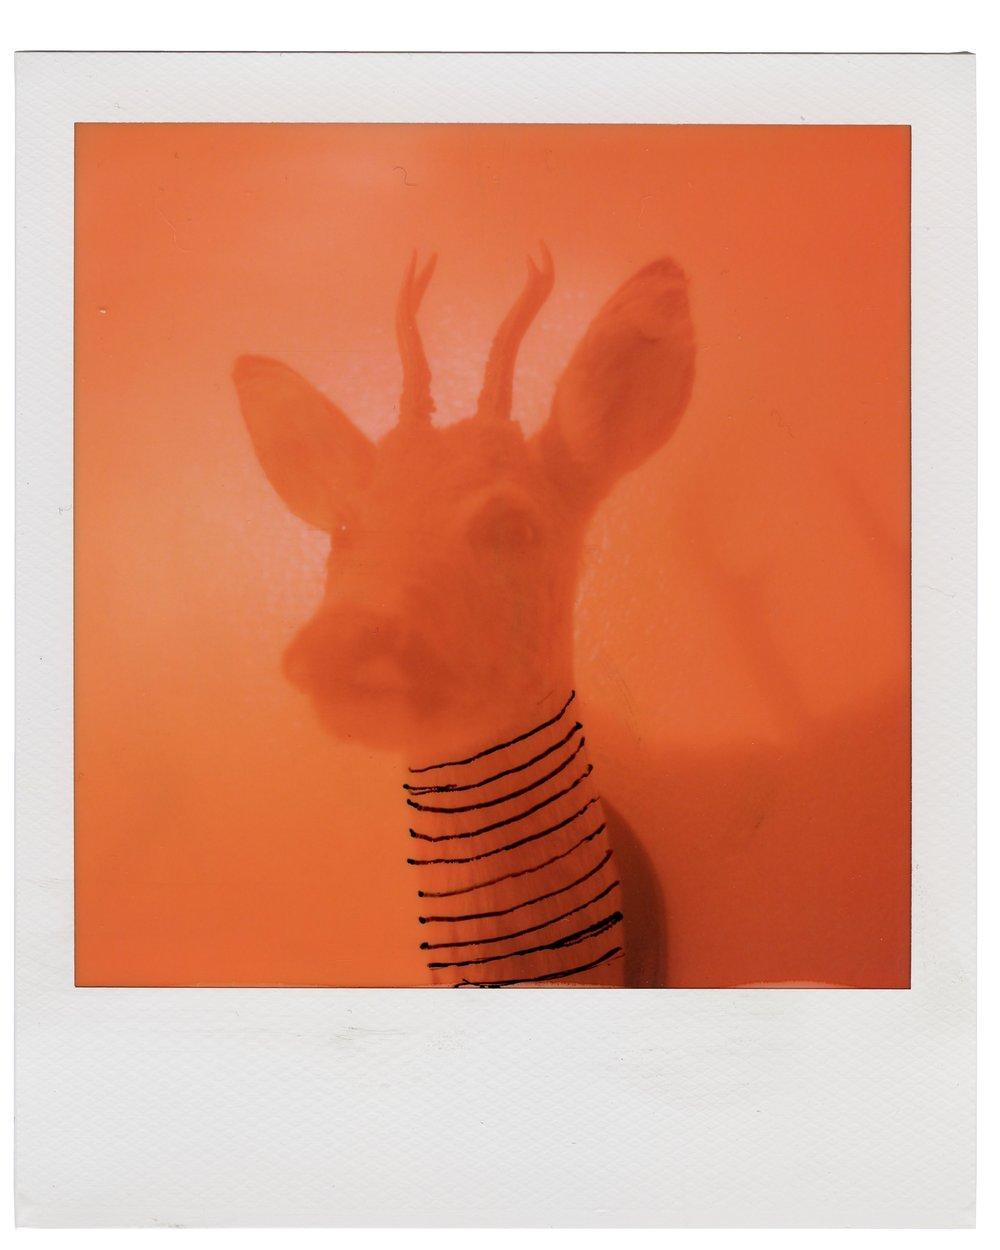 - Deer, August 6 2018 (Polaroid SX-70) Thobias Malmberg